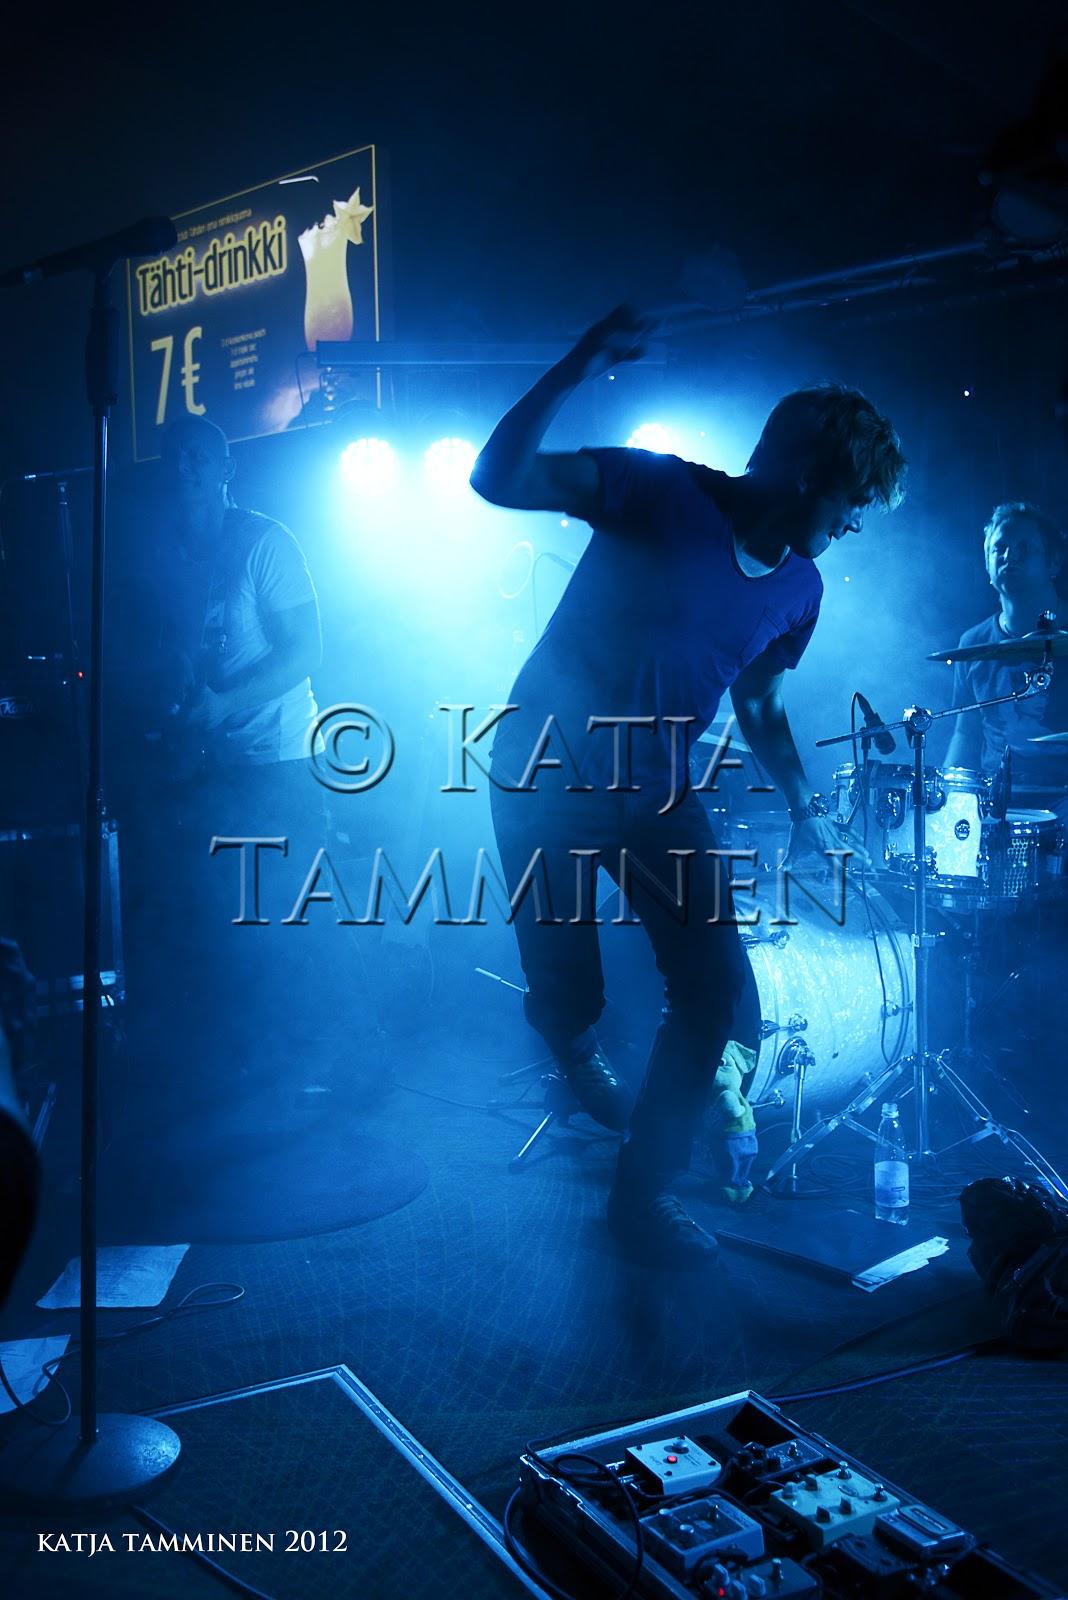 Tähti Tampere